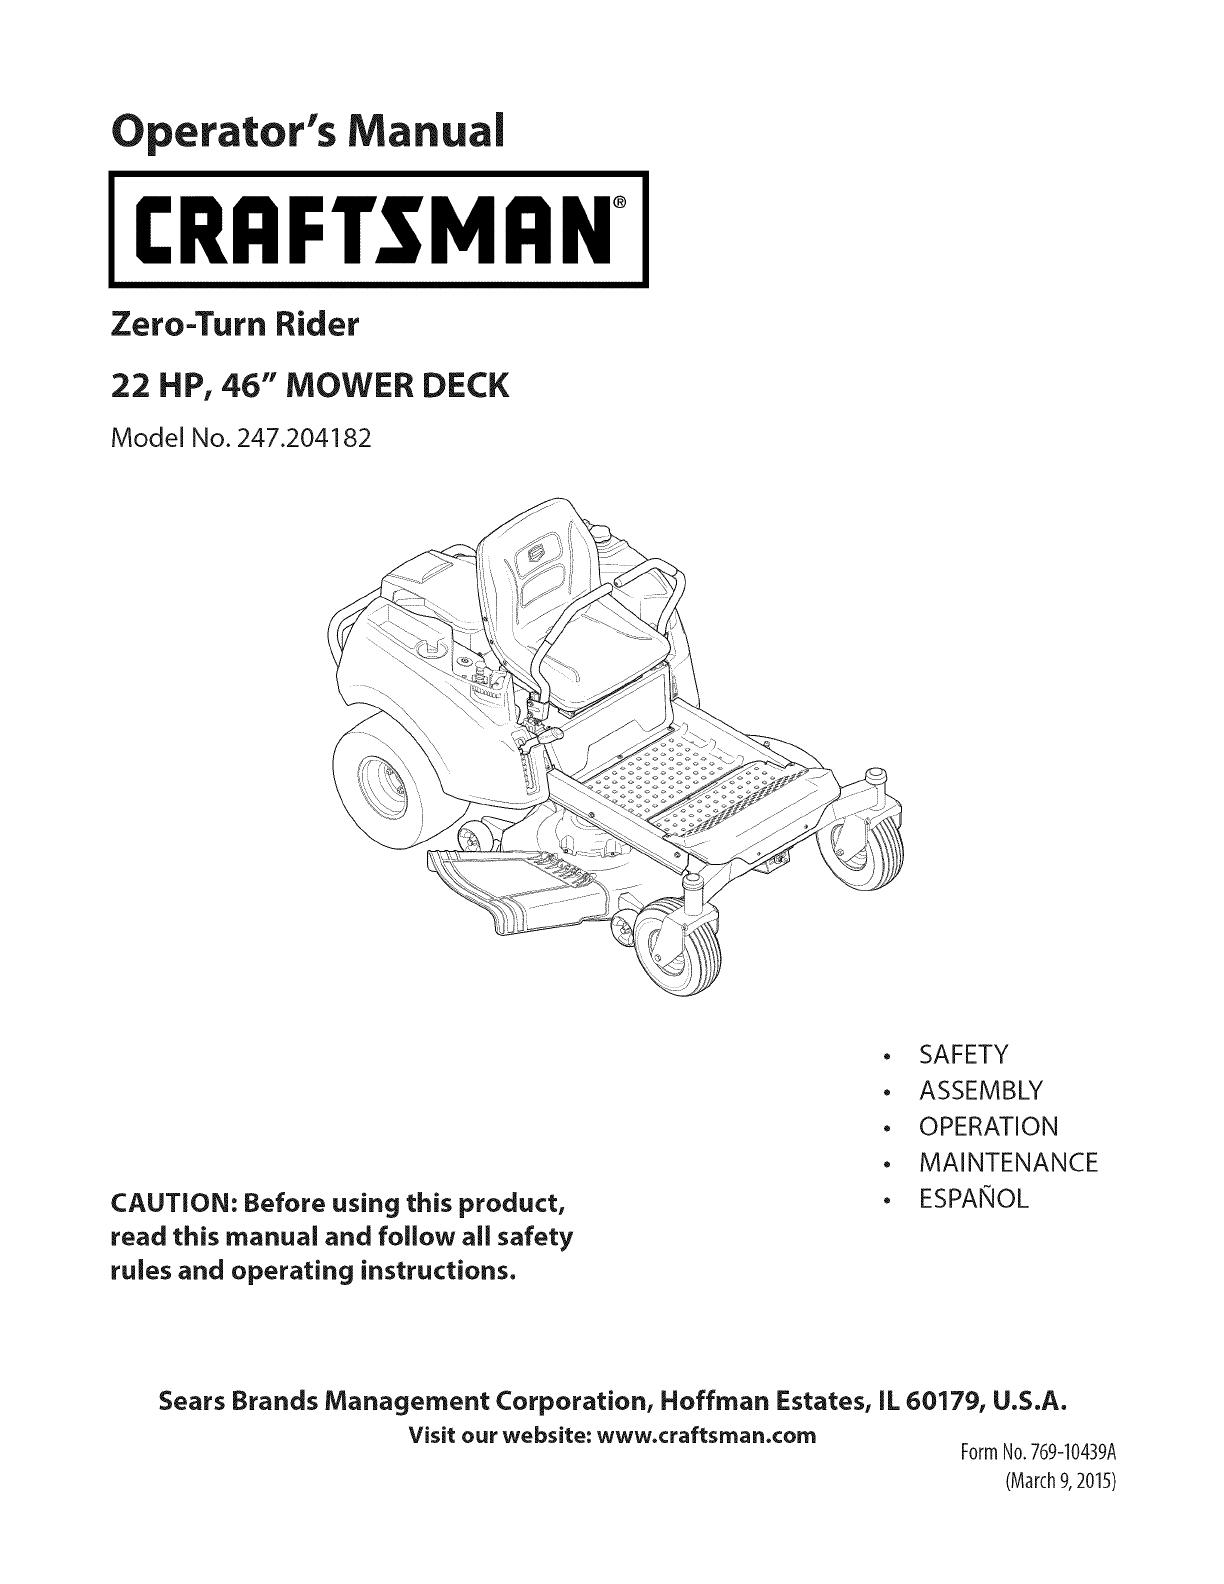 craftsman 247204182 1503507l user manual zero turn riding mower rh usermanual wiki Craftsman 5 22 Snowblower Parts Craftsman 5 22 Snowblower Parts